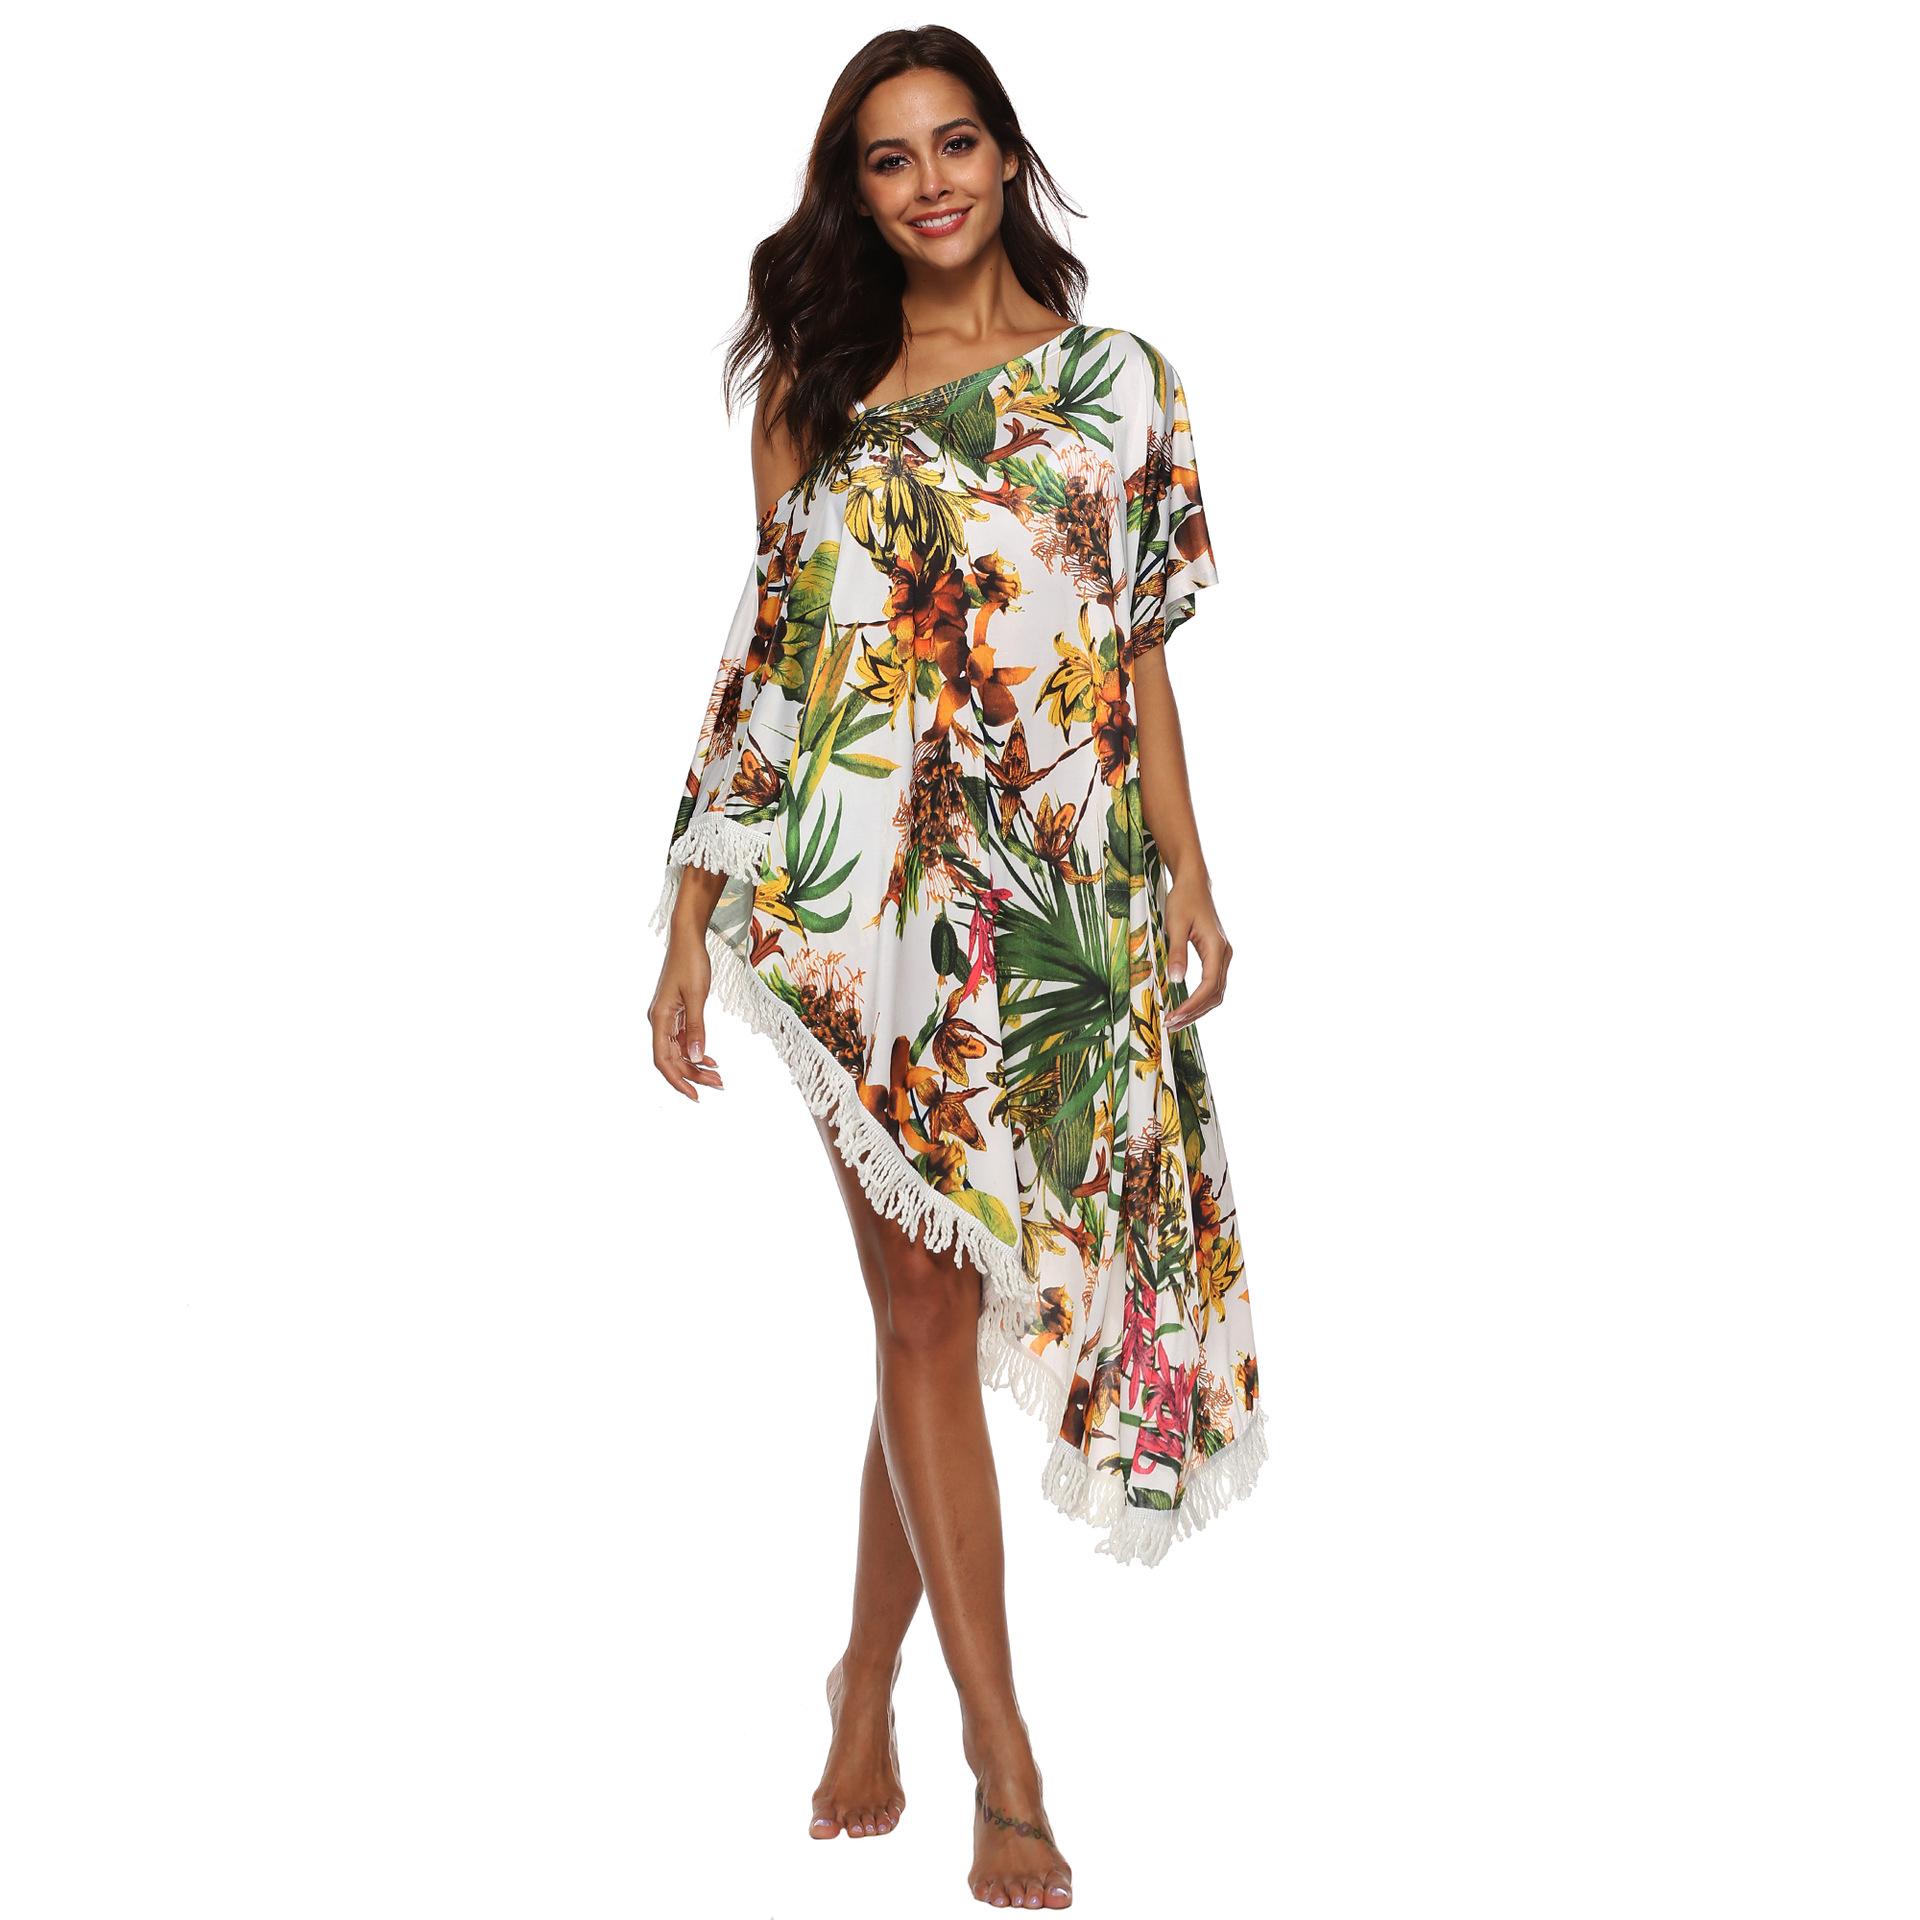 5be67a862ef Купить Бахромой Платье оптом из Китая